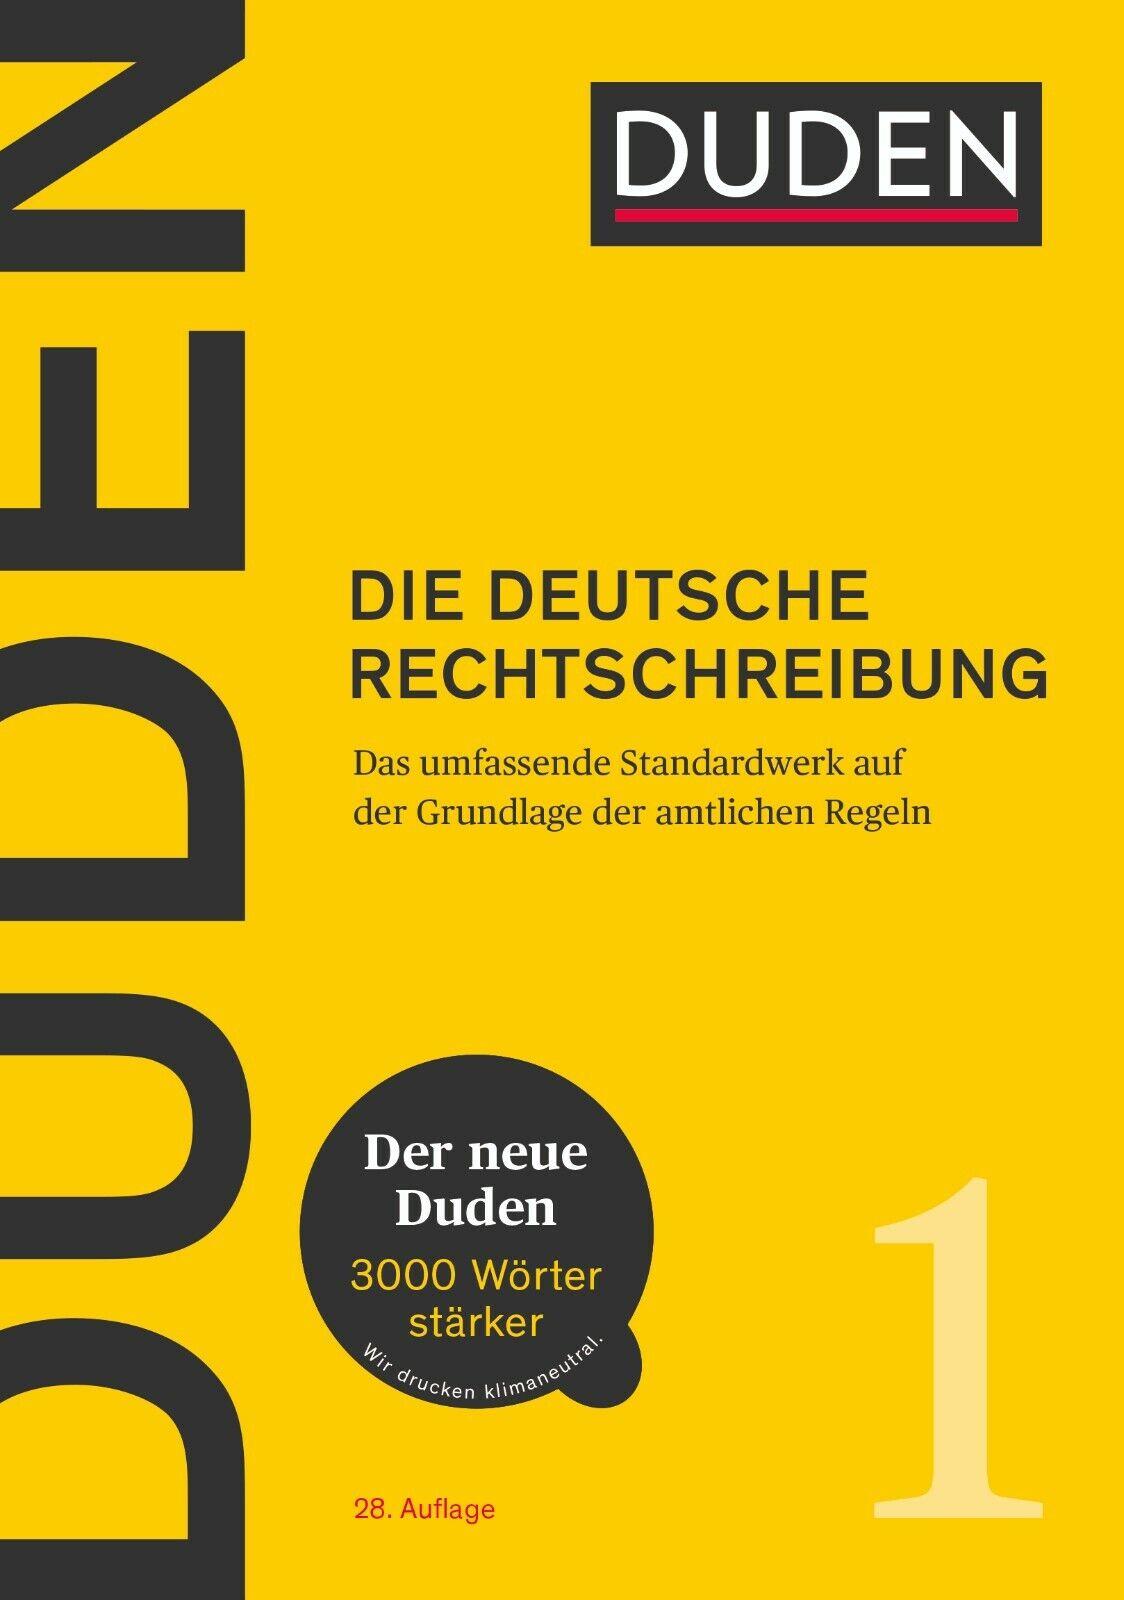 DUDEN (1) DIE DEUTSCHE RECHTSCHREIBUNG - 28. Auflage sofort lieferbar